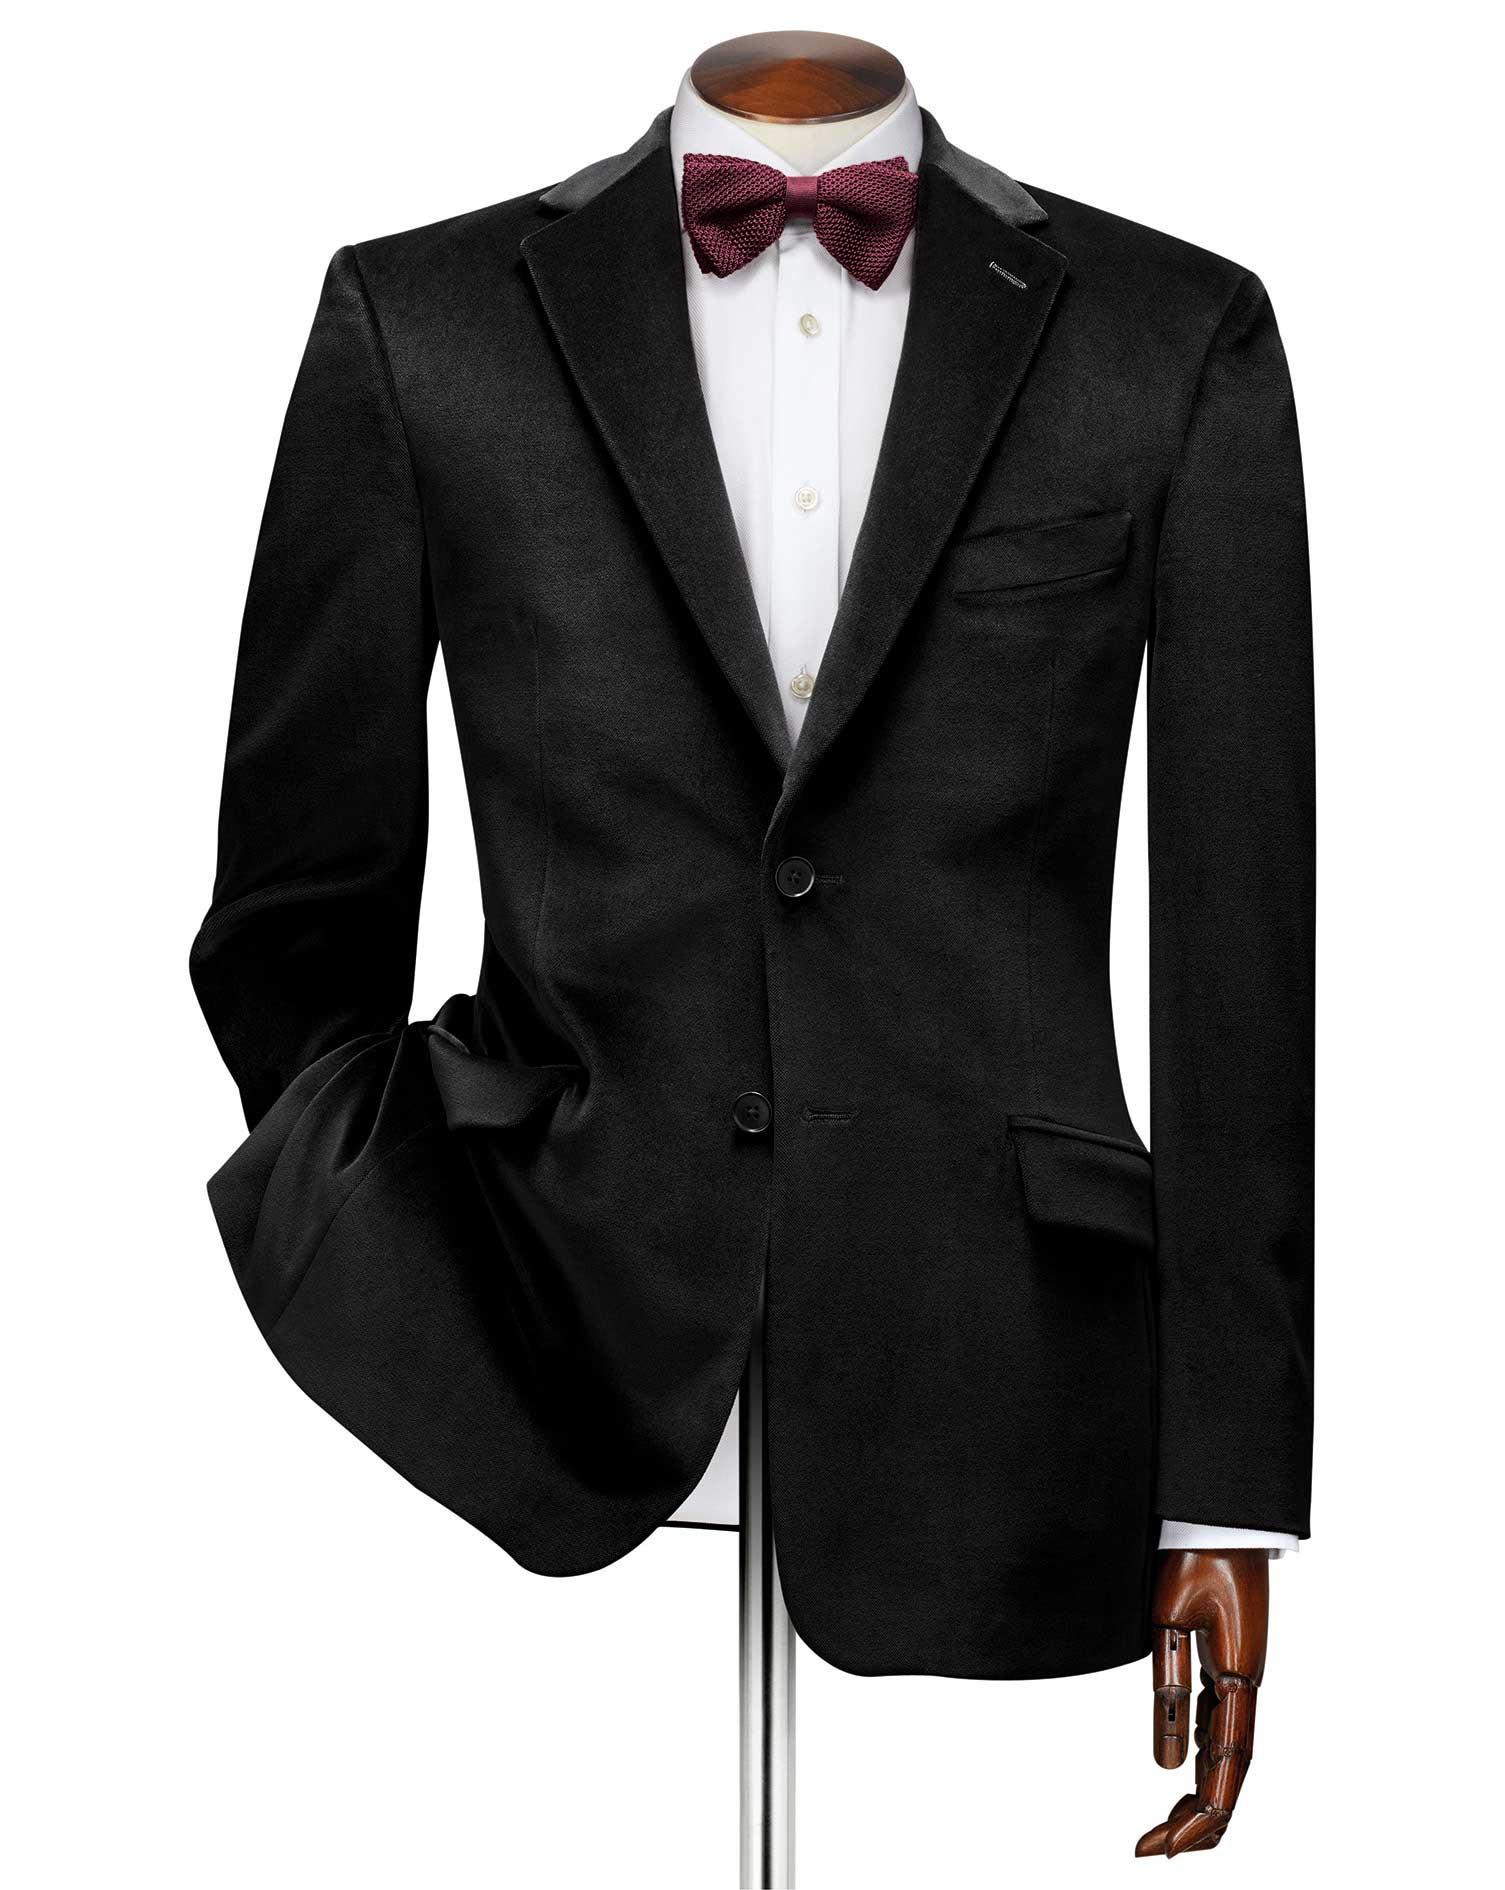 Slim Fit Black Velvet Cotton Jacket Size 46 Regular by Charles Tyrwhitt